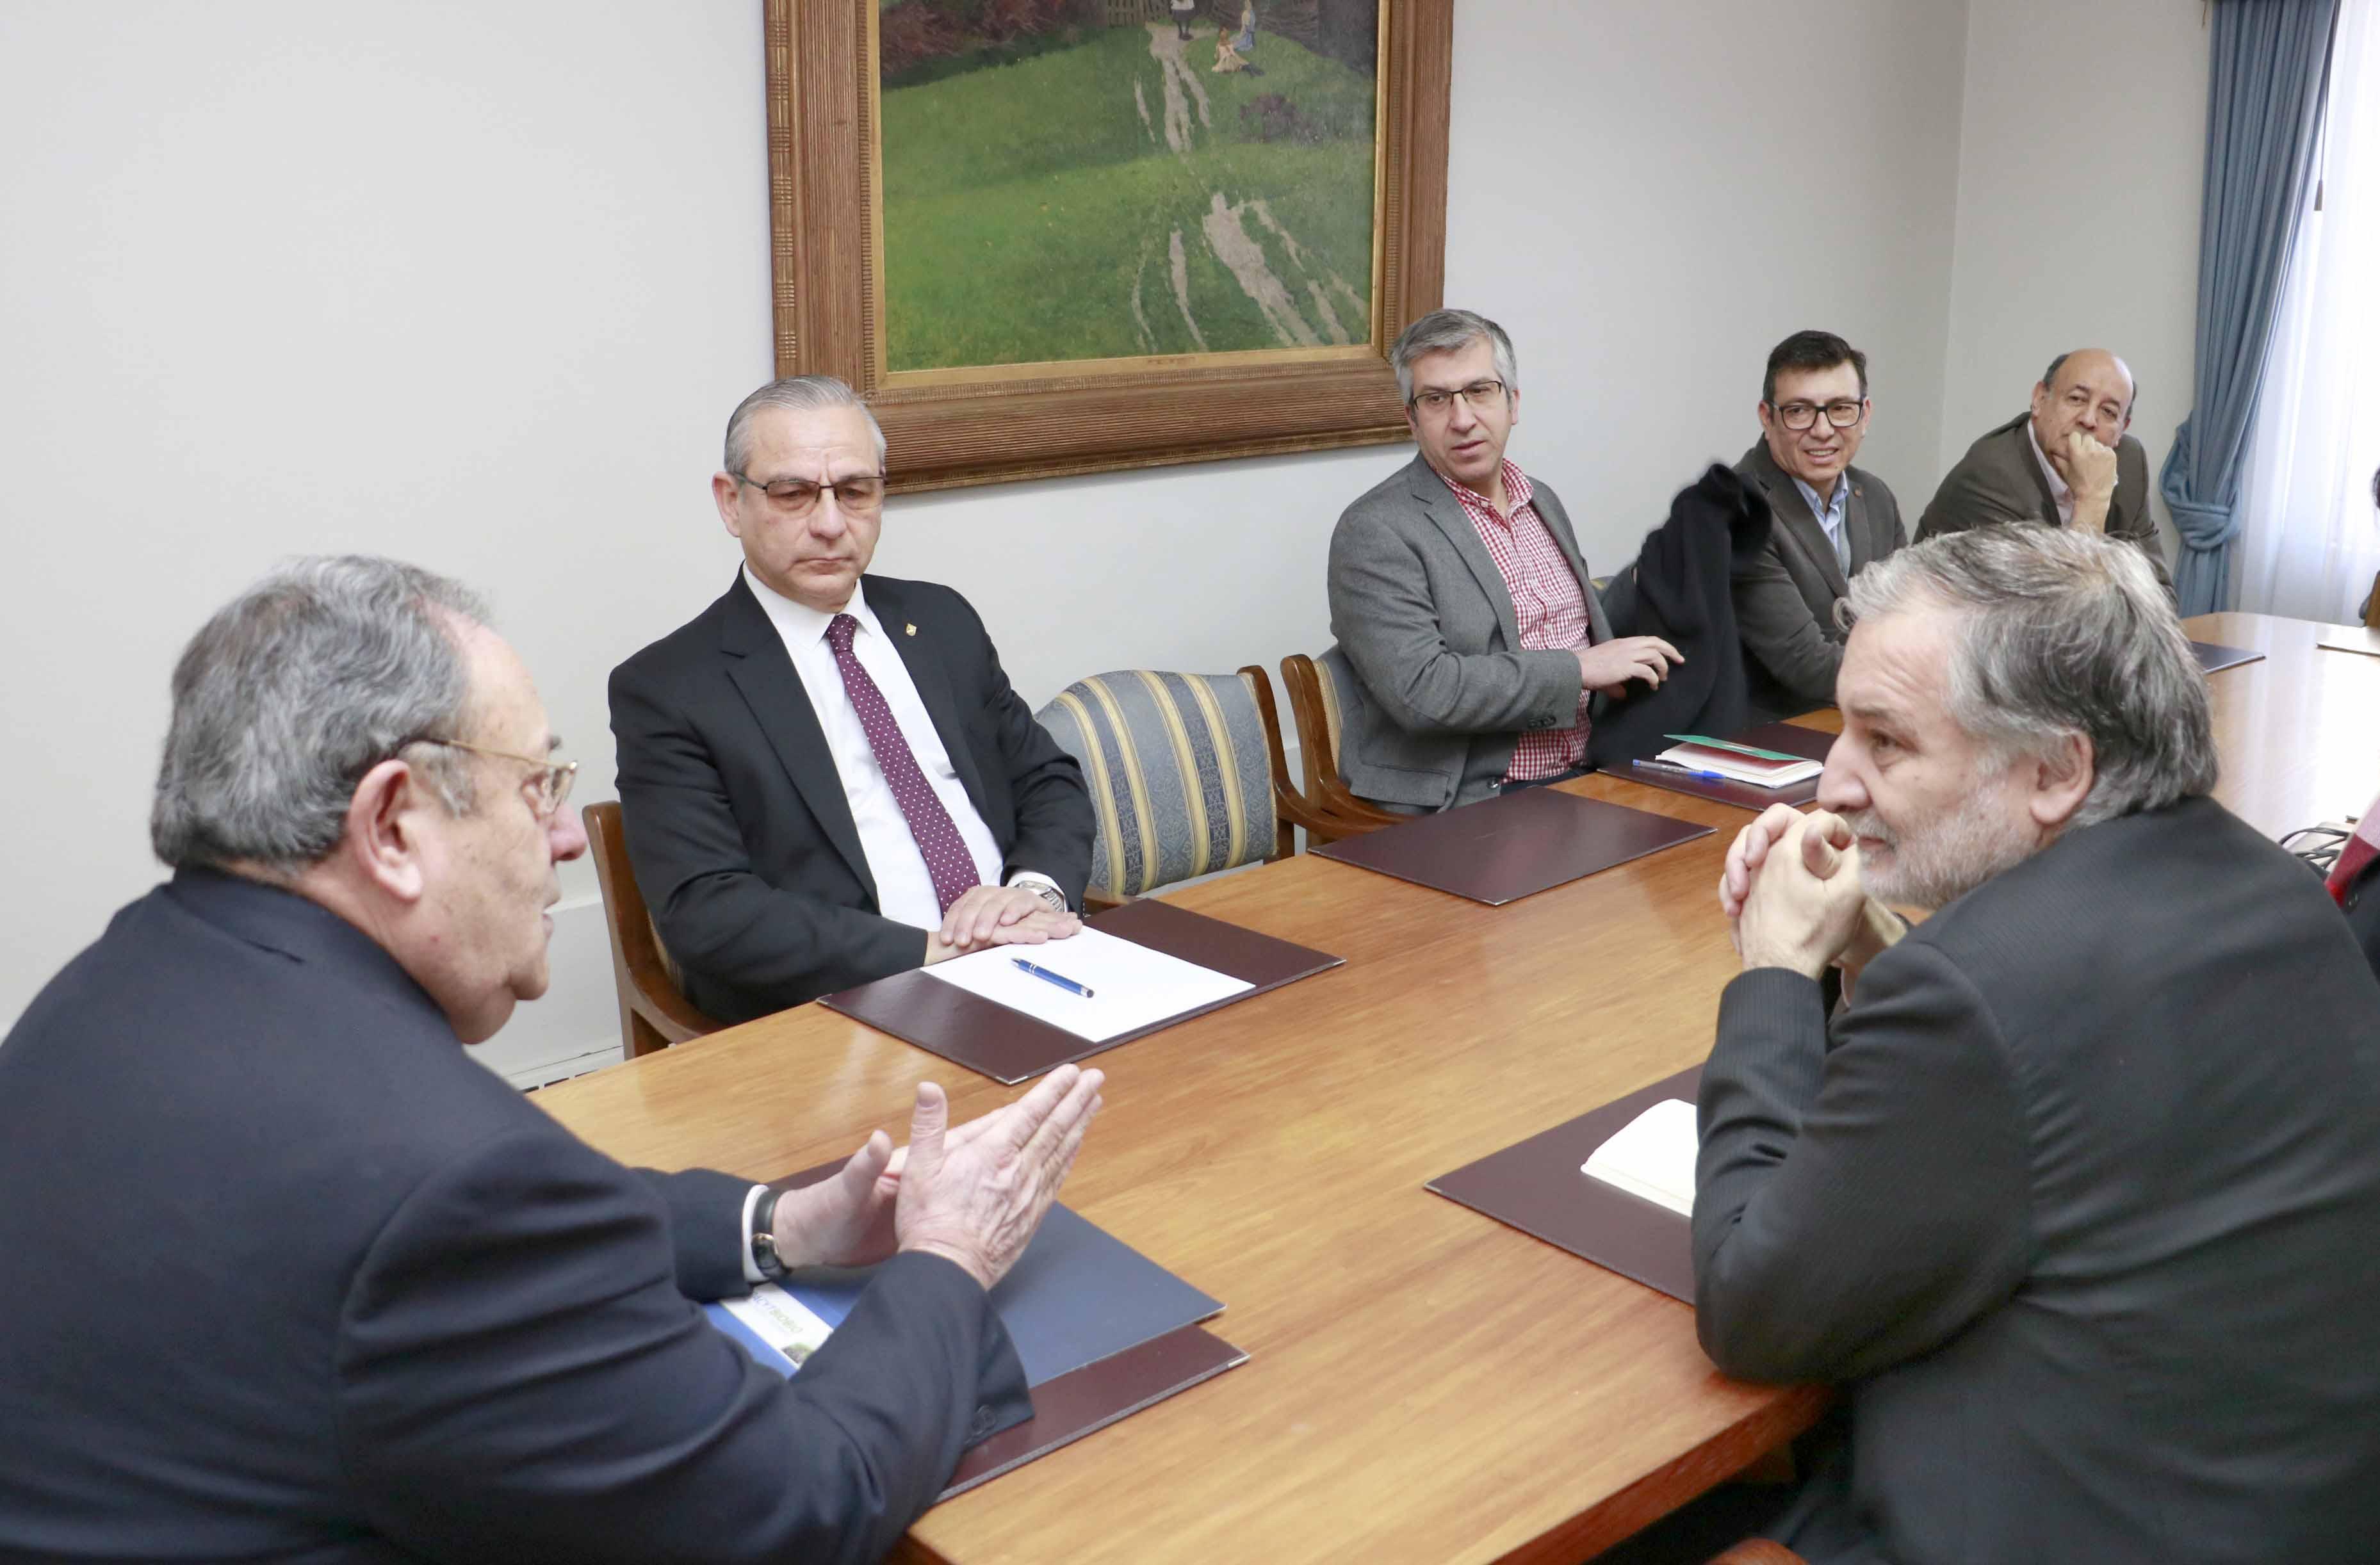 Vicepresidente ejecutivo de Corfo presentó iniciativas de apoyo a Parque Científico y Tecnológico